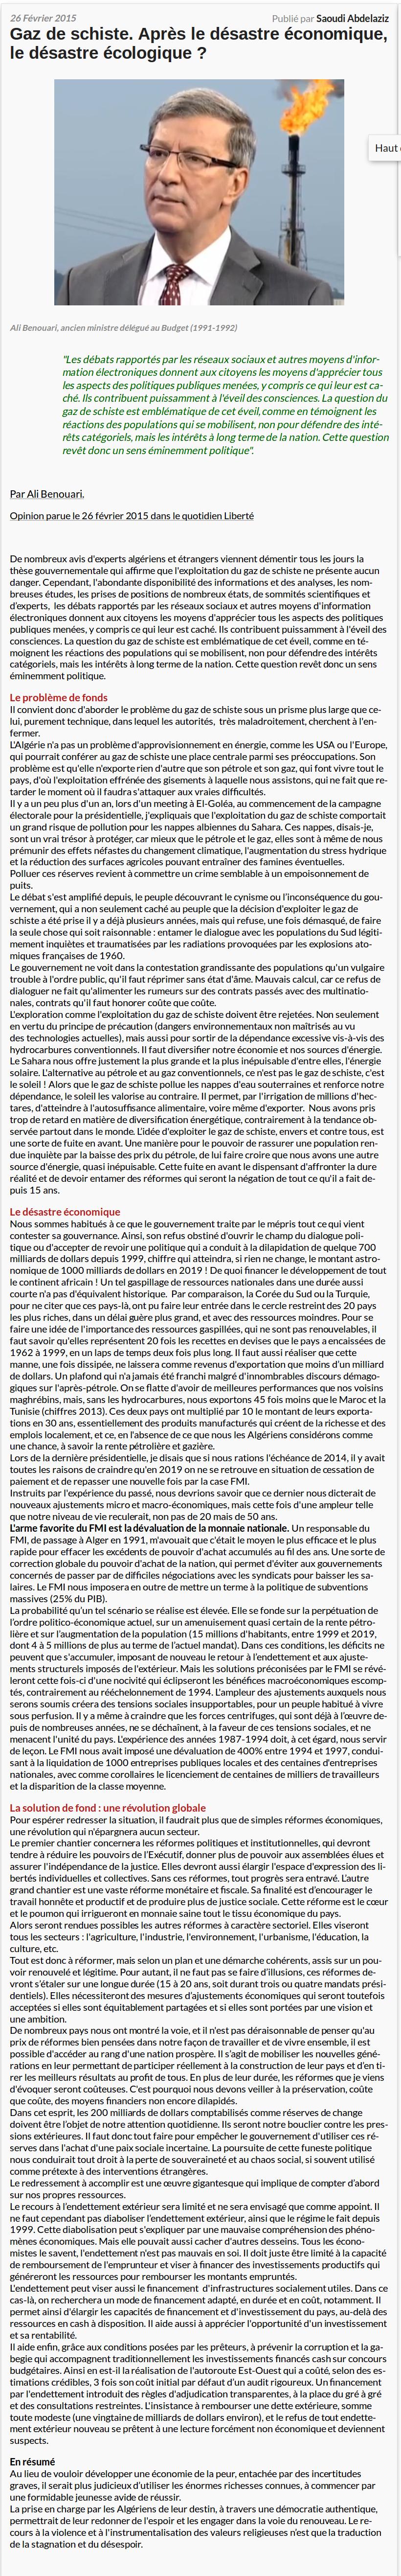 ali-benouari-journal-algerie-infos-gaz-de-schiste-apres-le-desastre-economique-le-desastre-ecologique